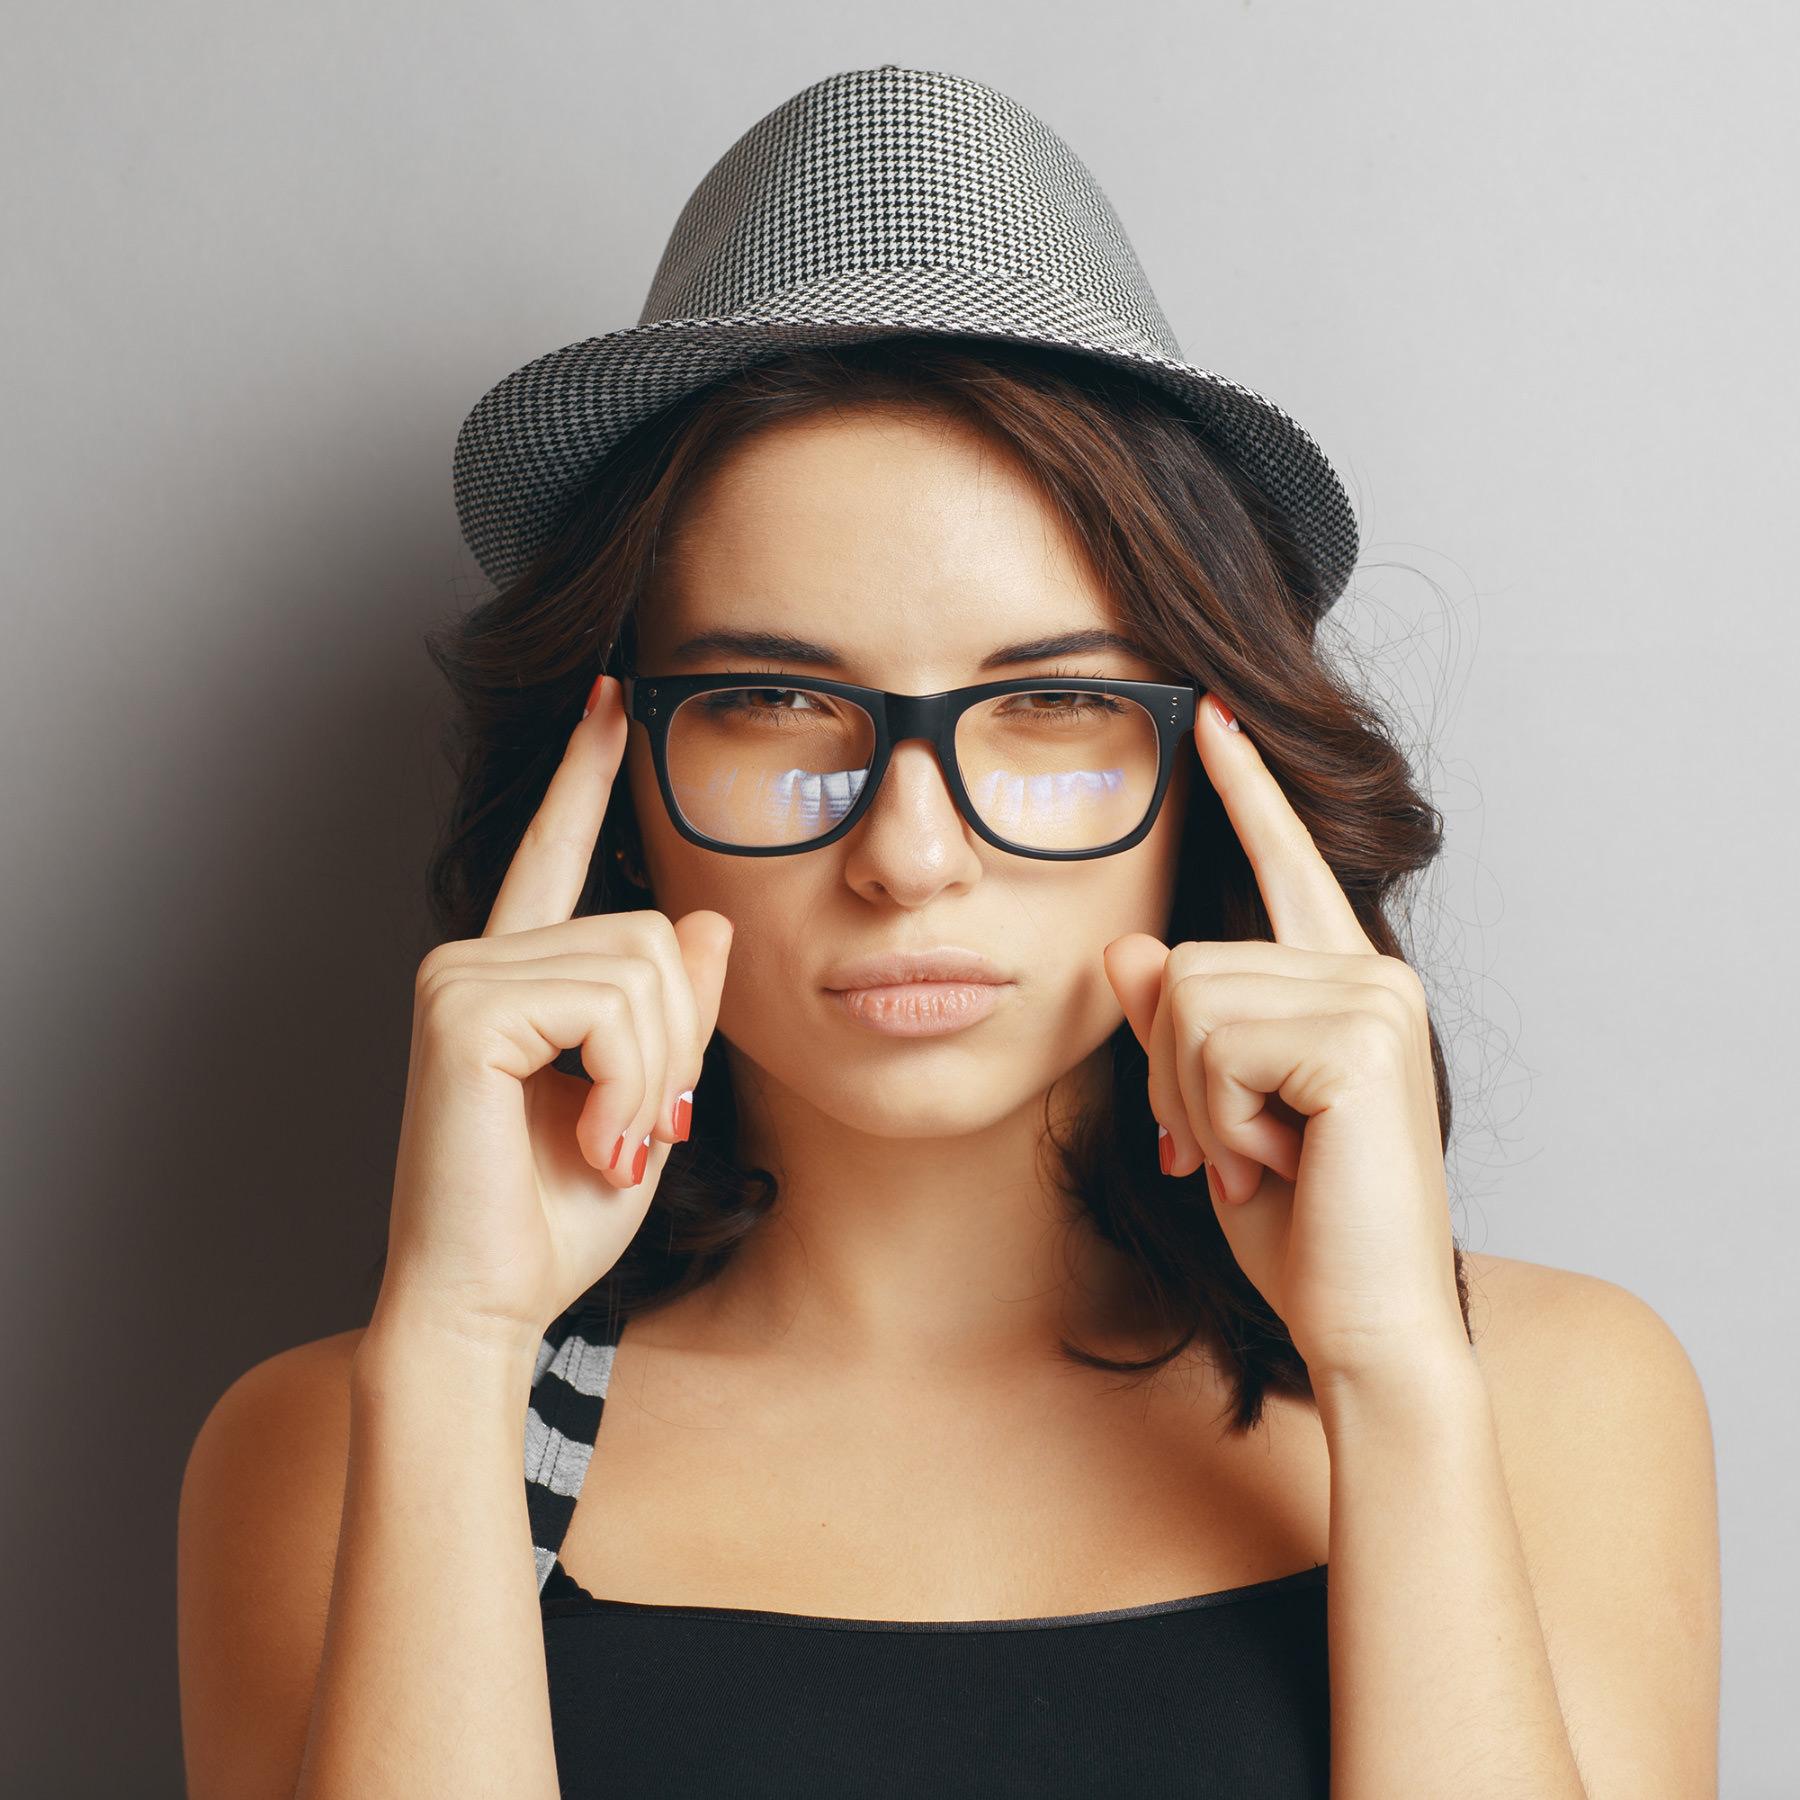 Frau mit Brille von Essilor und Hut